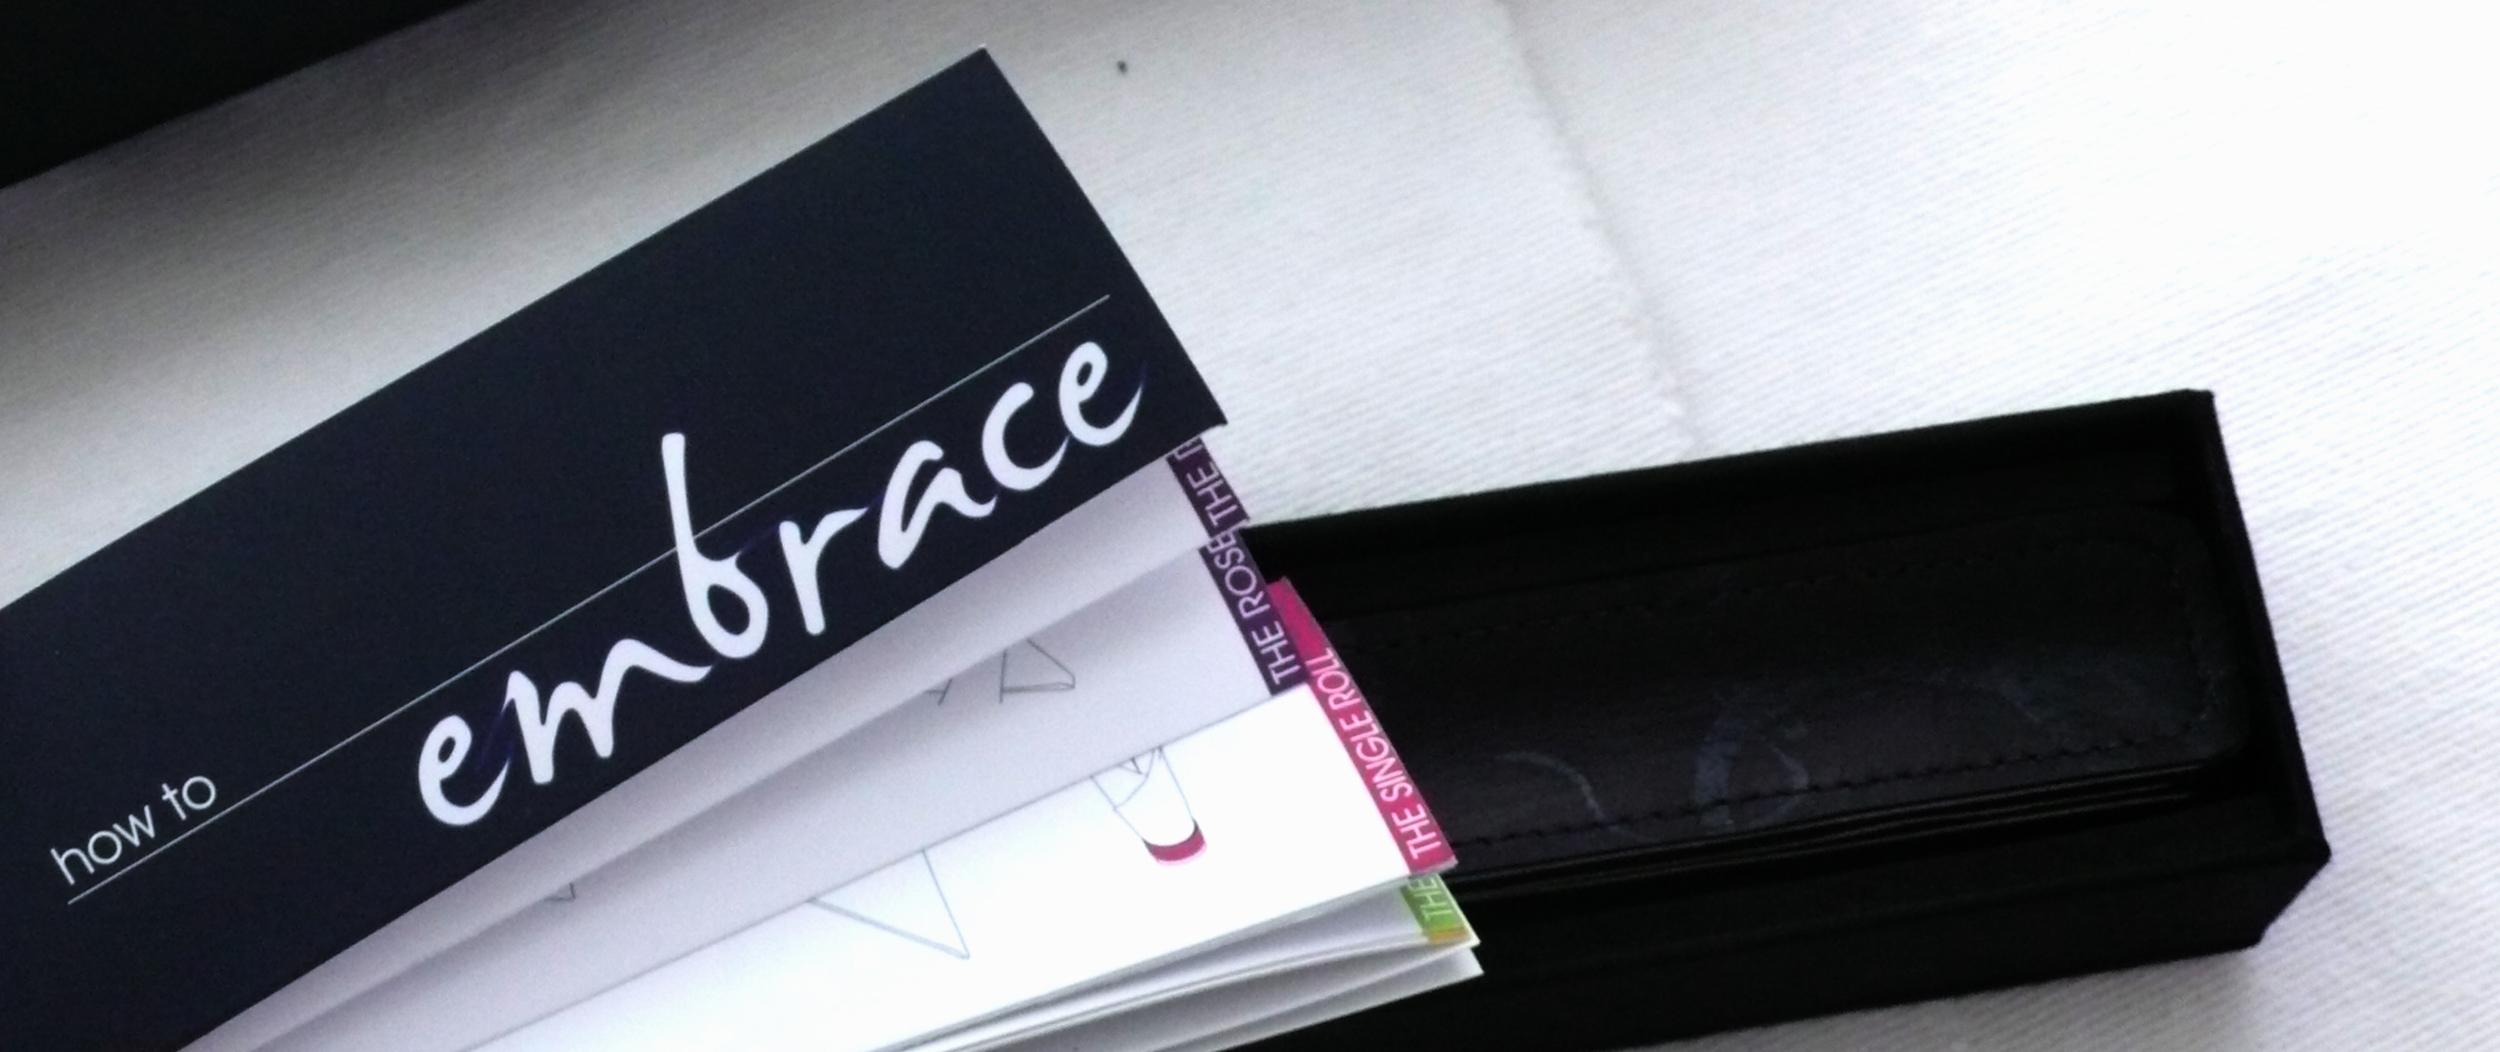 PORTF-embrace-03.jpg